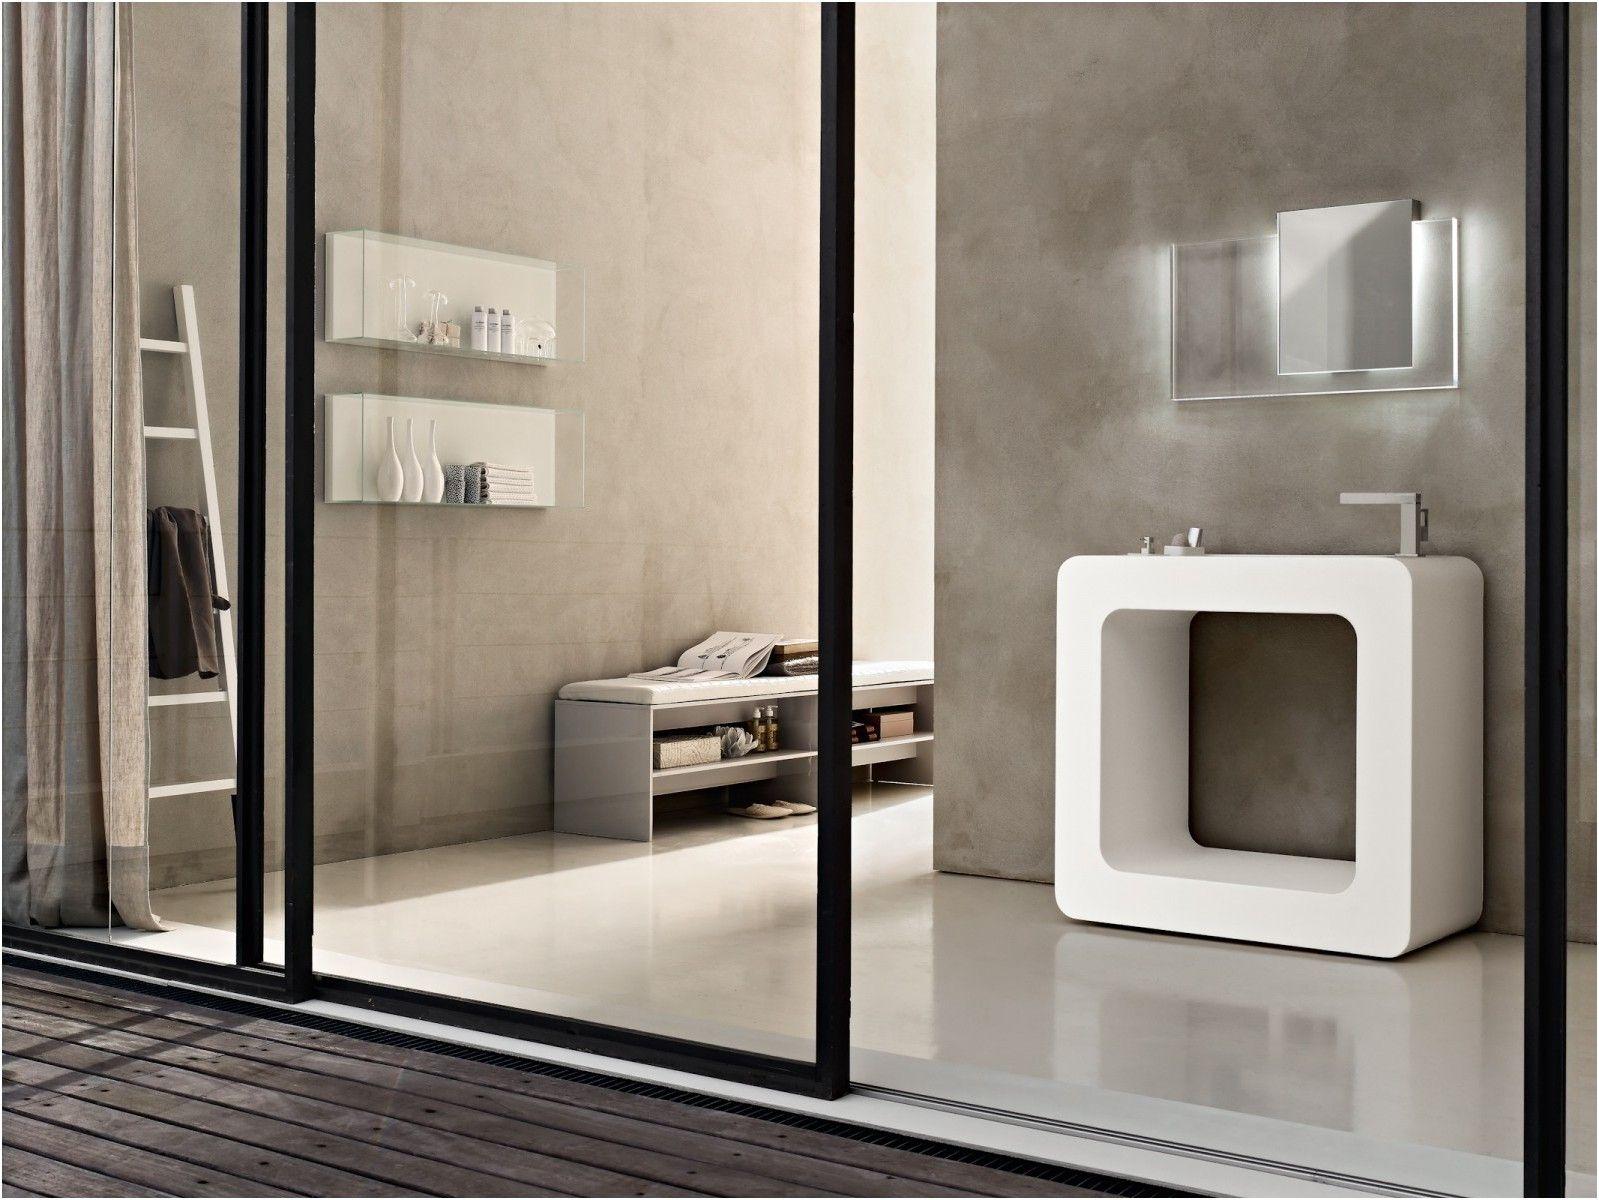 Italian Bathrooms Ultra Modern Italian Bathroom Design From Italian Bathrooms